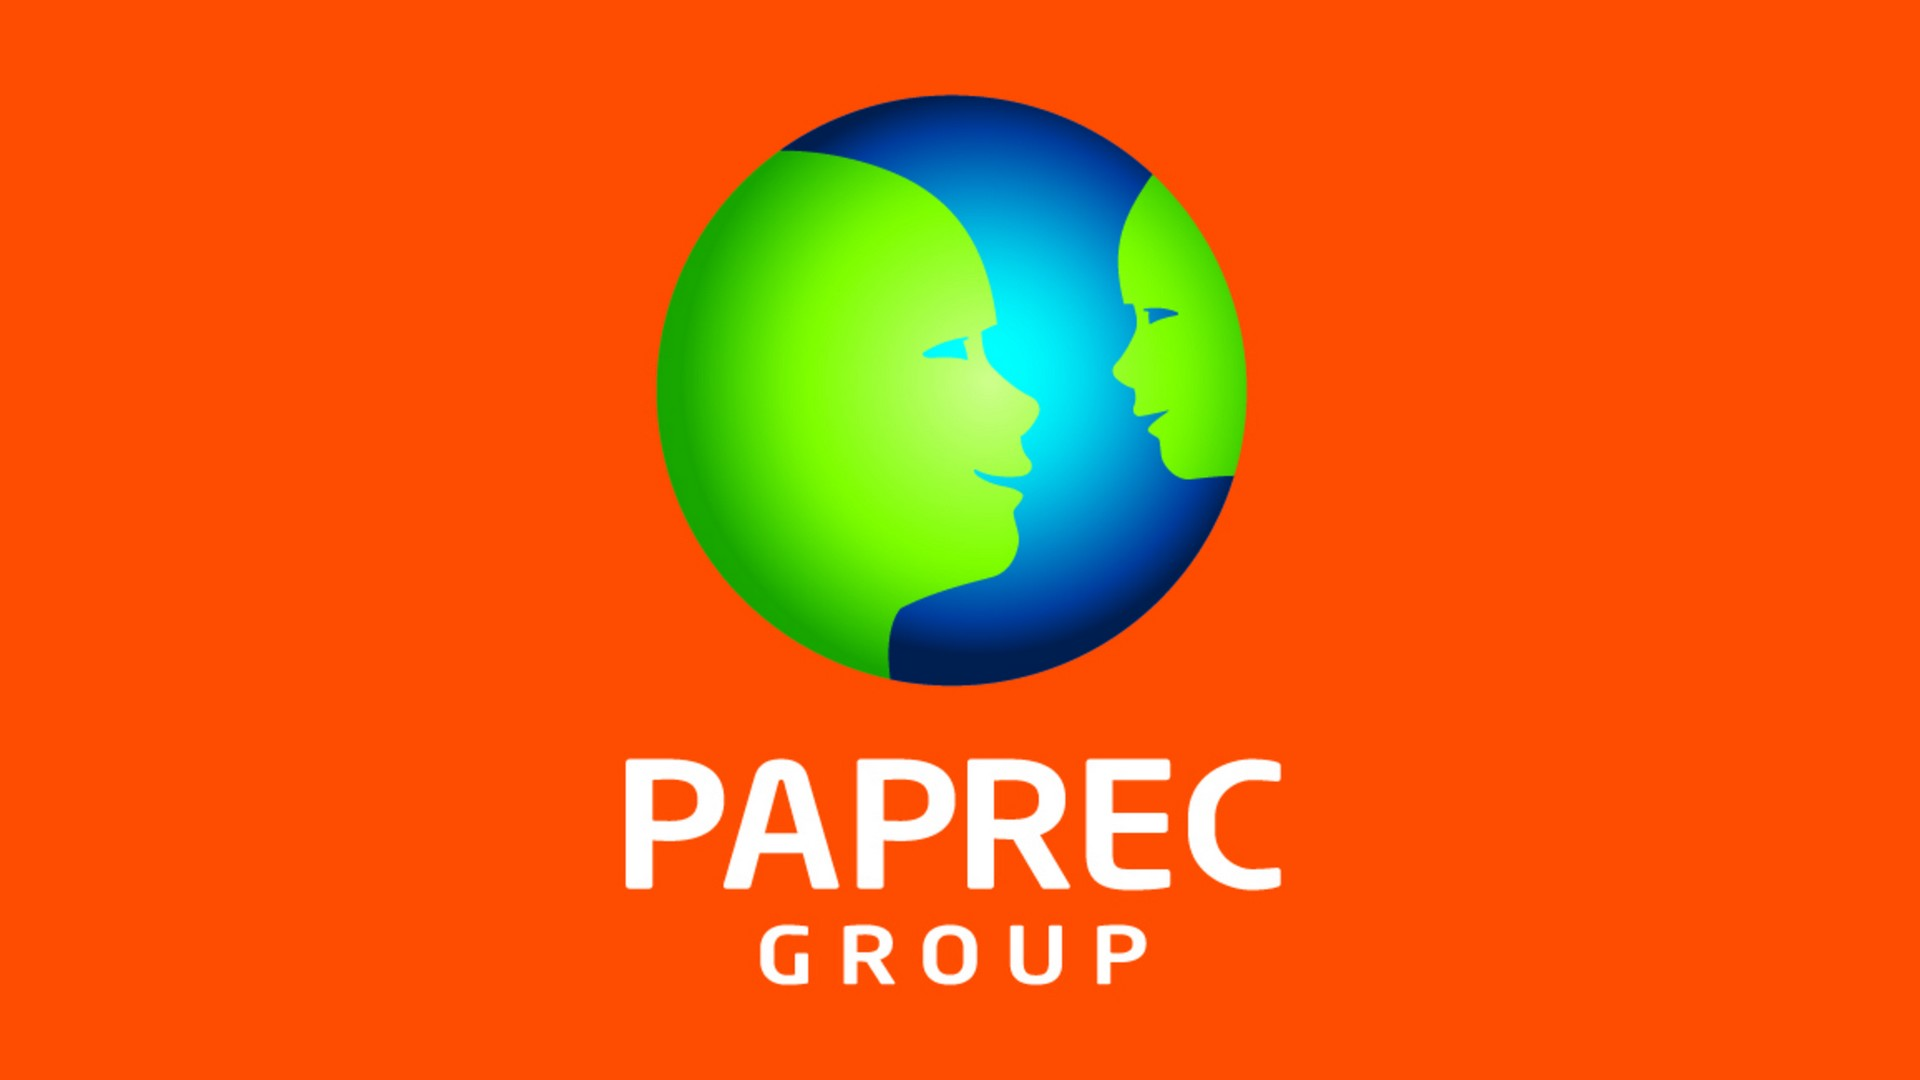 Paprec Group (1) Logo